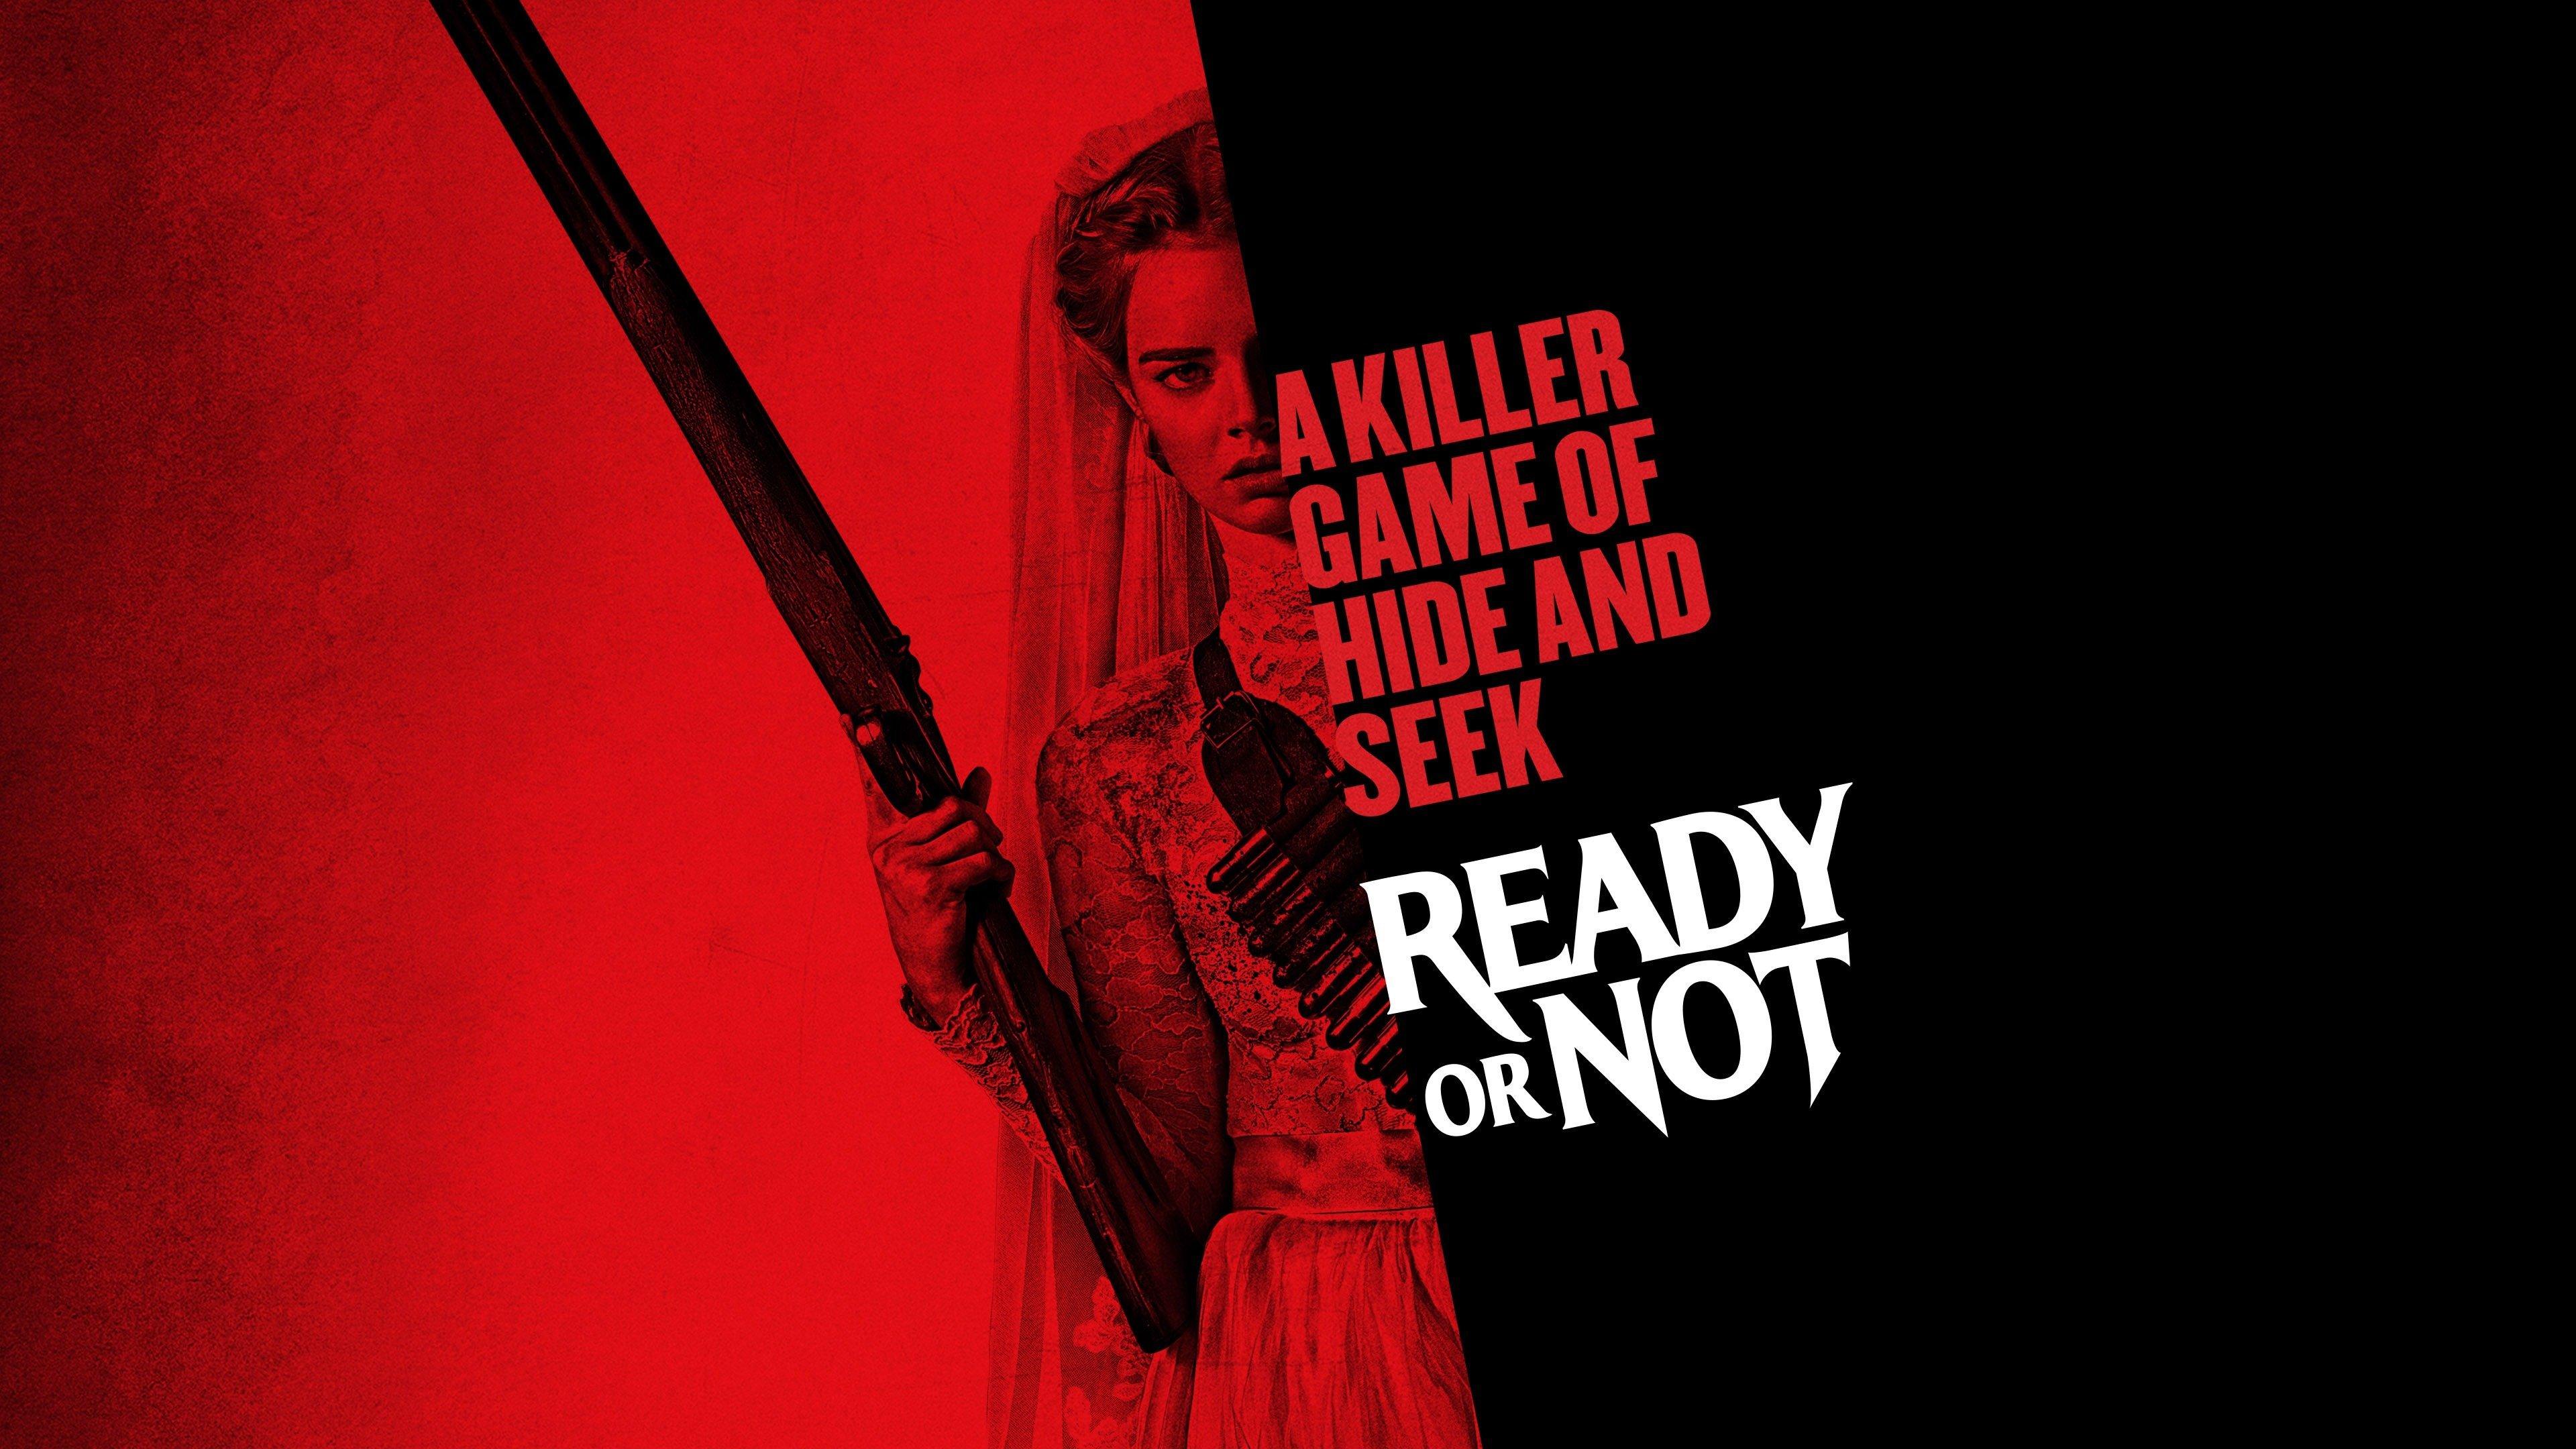 史蒂芬金和吉勒摩戴托羅都讚譽有加的黑色殺人喜劇《弒婚遊戲》無雷推薦心得!